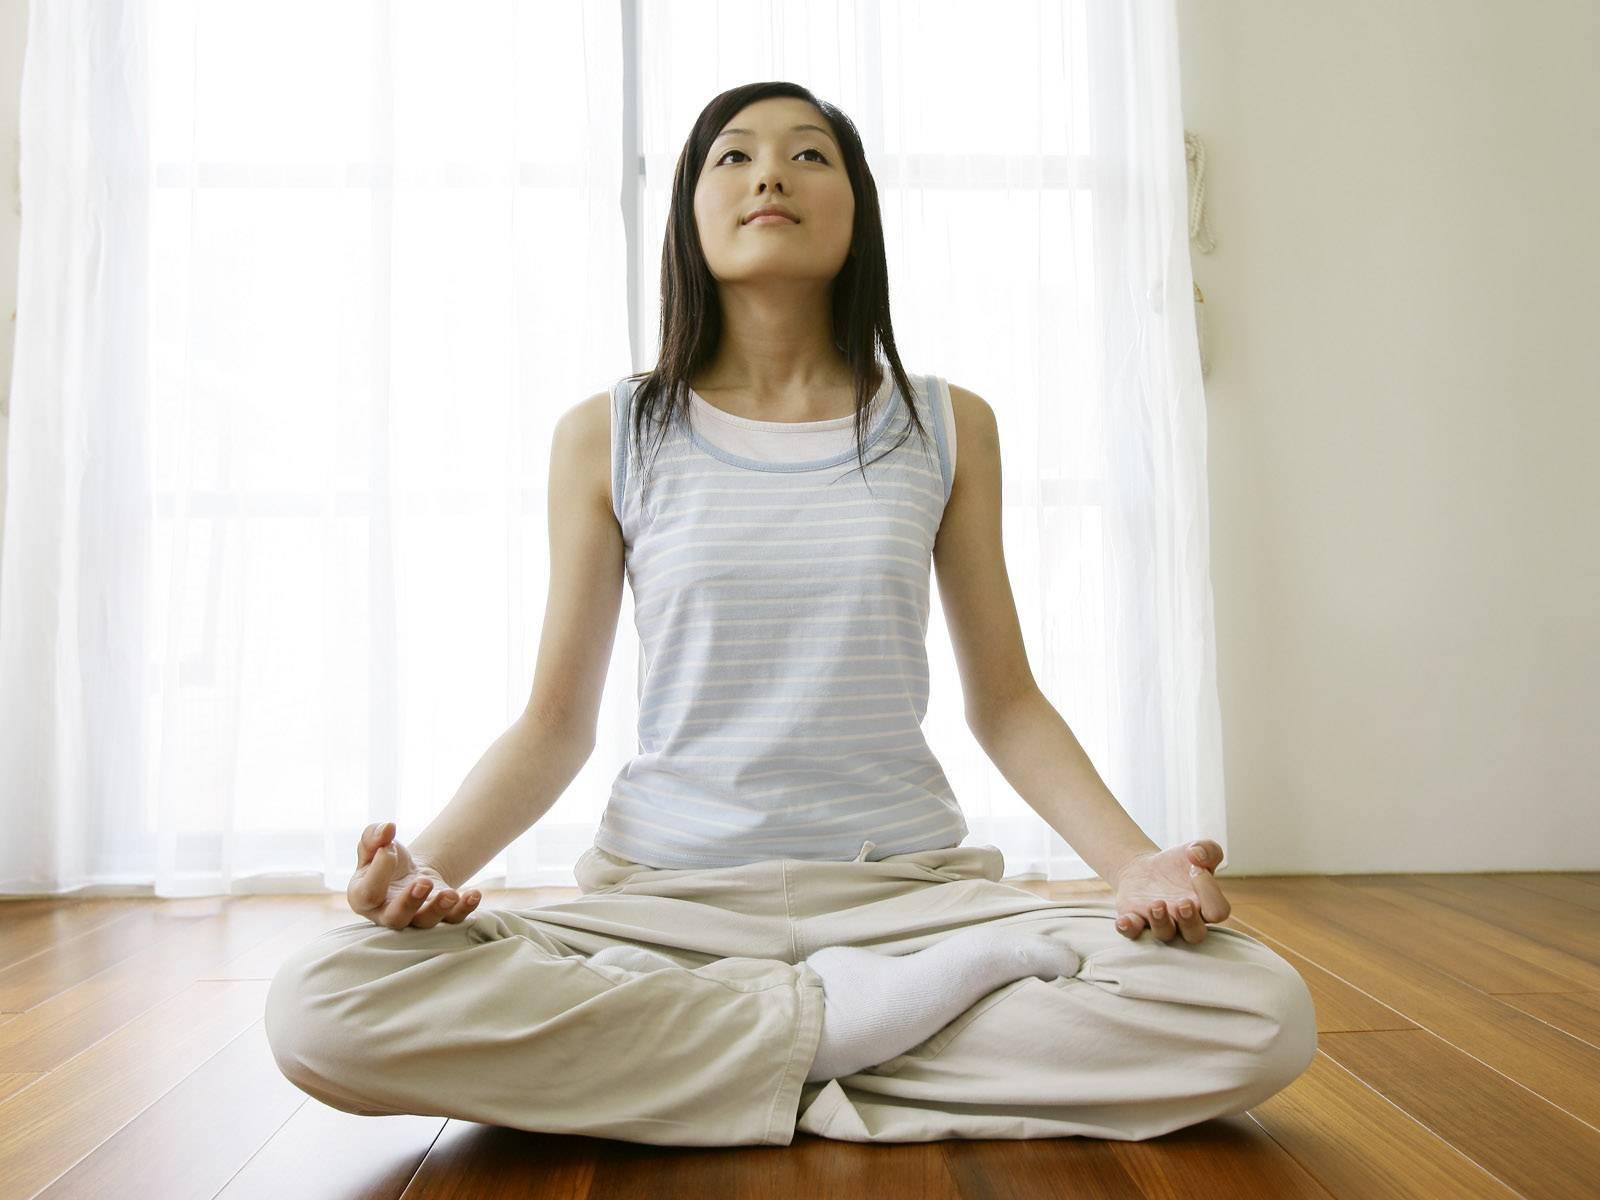 Даосская йога: упражнения для женщин, теория и практика